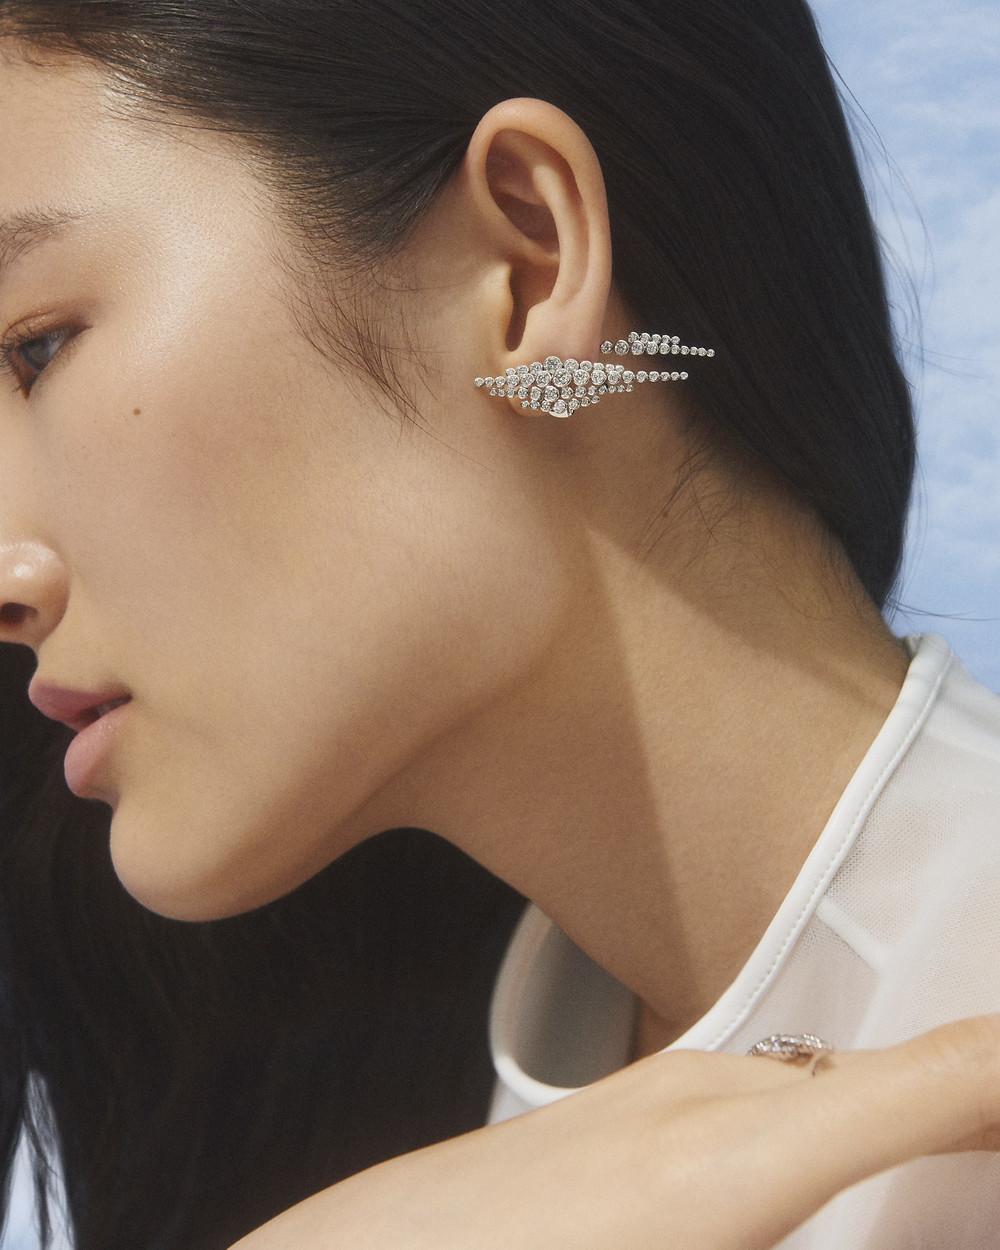 Boucle d'oreilles Boucheron en or blanc, diamants et cristal de roche dépoli